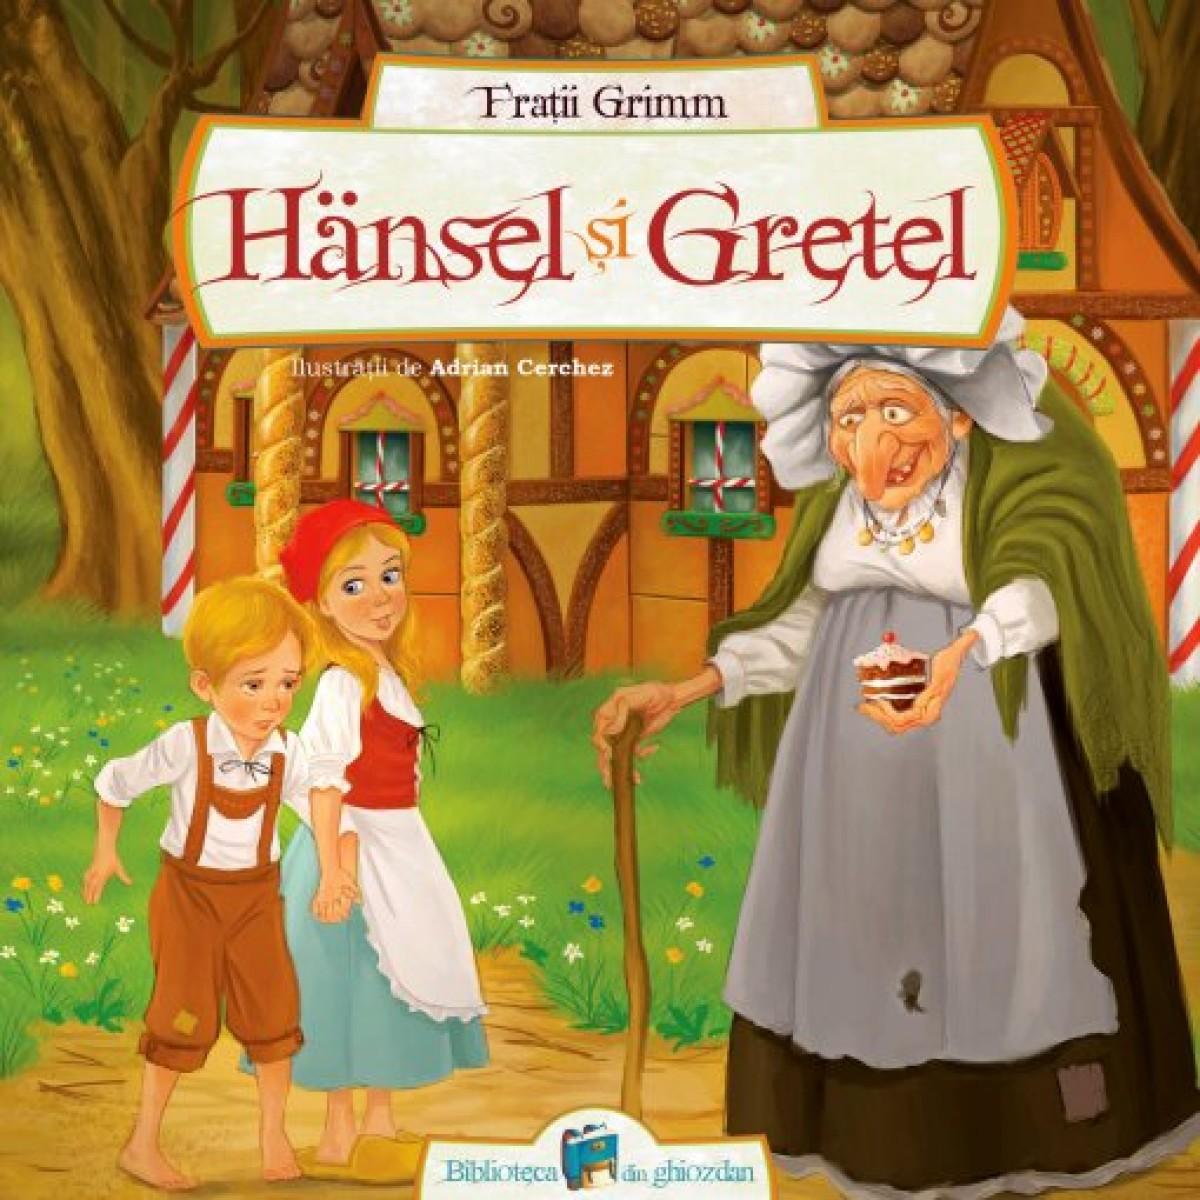 Hansel şi Gretel